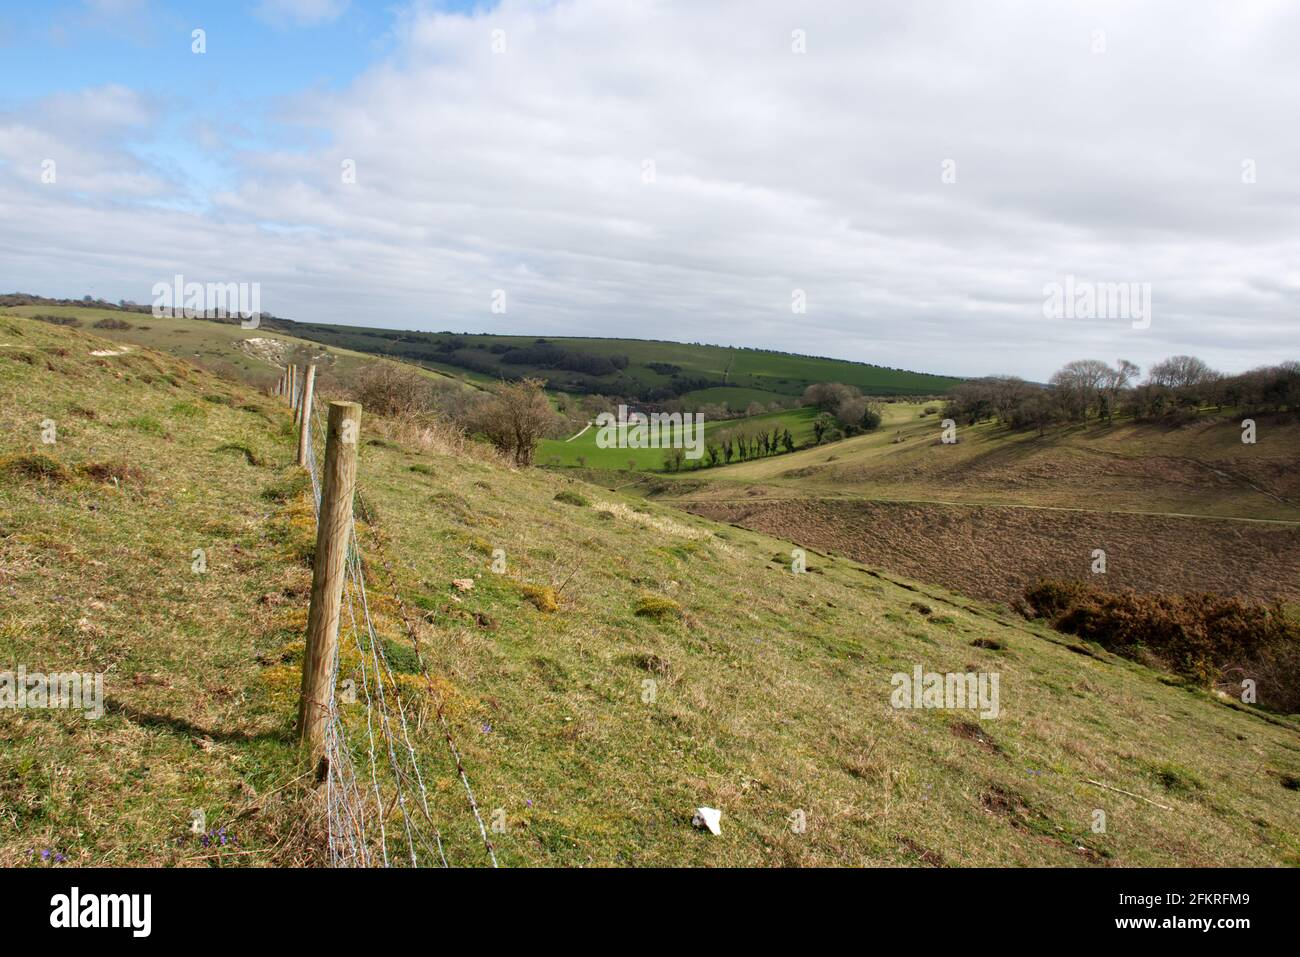 Ein Blick auf die Saddlescombe Farm und das Tal vom Gipfel des Devils Dyke in Sussex, England, Großbritannien Stockfoto